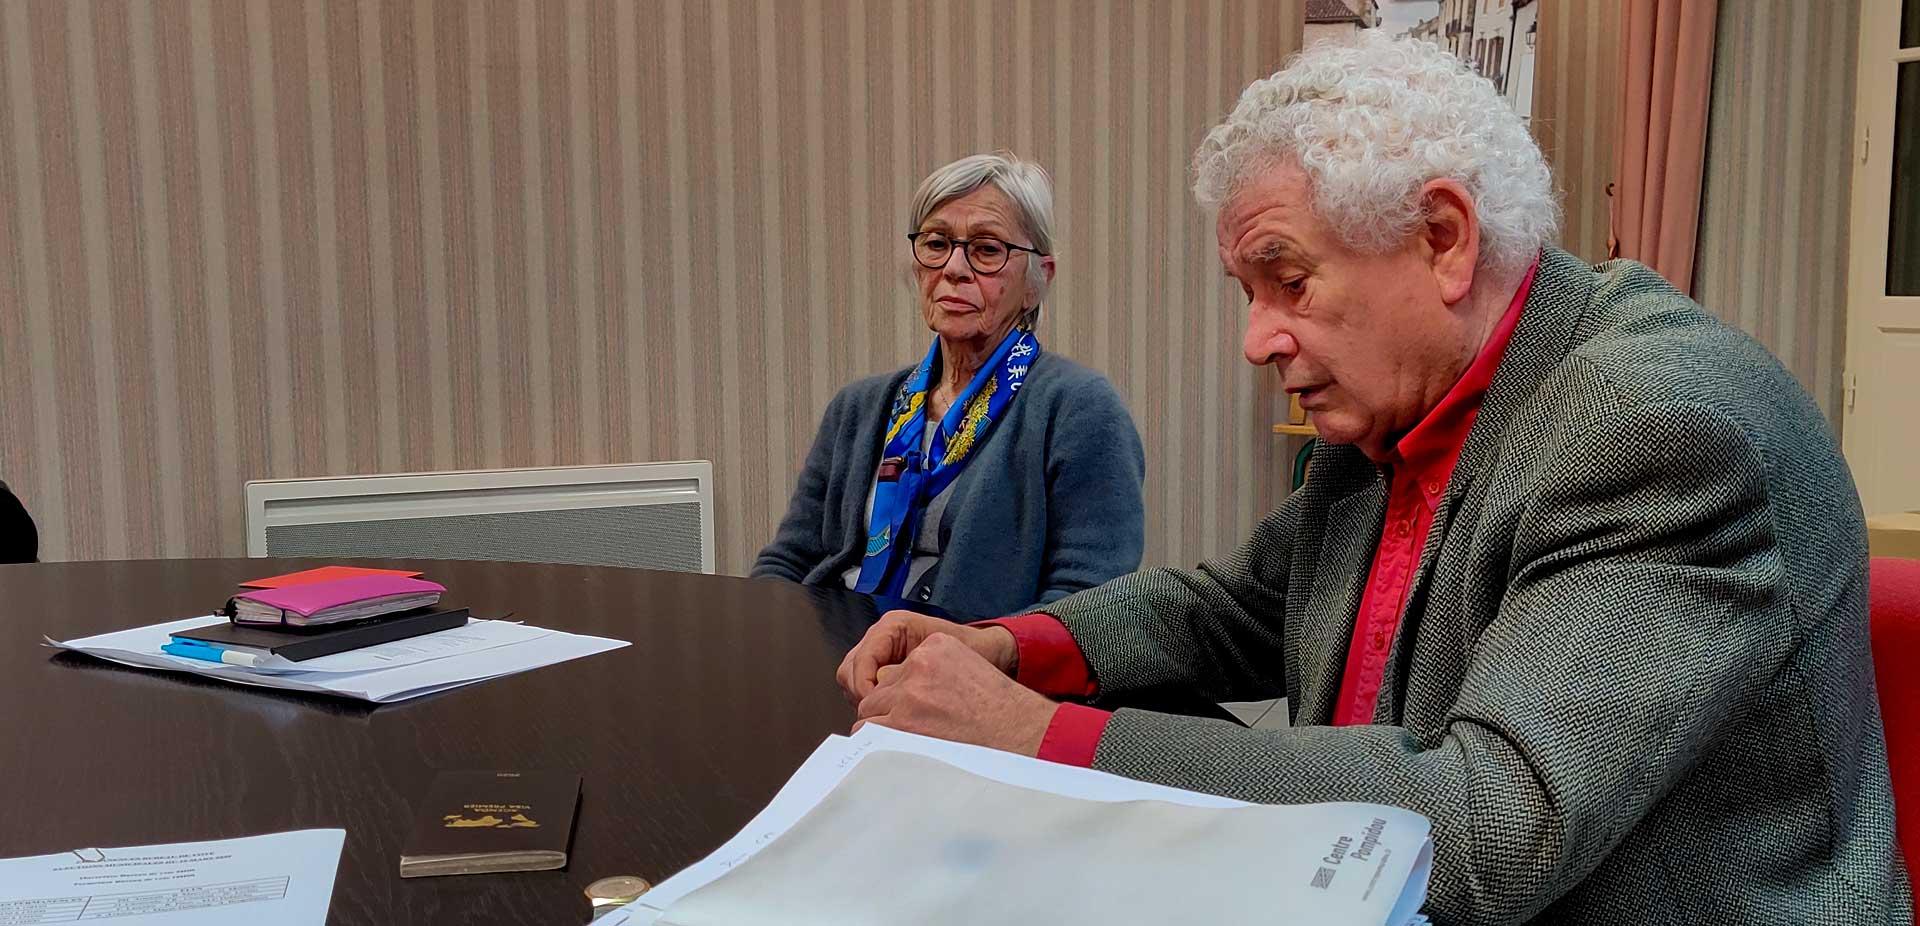 Pierre-Henri Arnstam transmettra son écharpe à Guillaume Moliérac, Françoise Laurière présidera cette première séance d'installation du conseil élu le 15 mars 2020...|Photo © Jean-Paul Epinette.